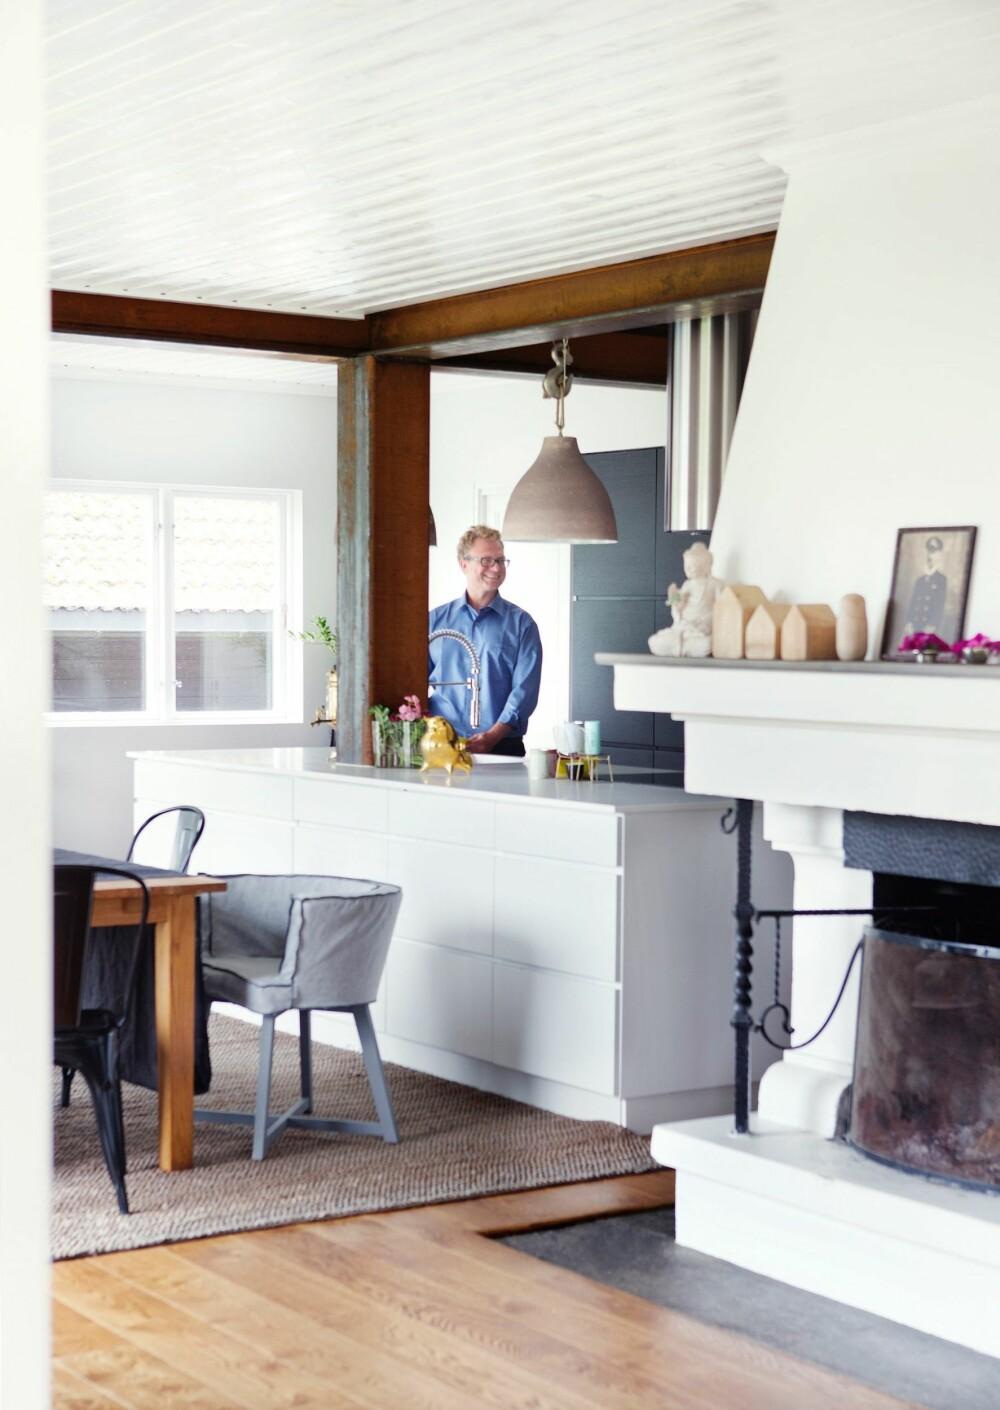 HUSETS KJERNE: Den åpne peisen stammer fra hytta som utgjør den eldste delen av boligen. Husene på peishyllen er fra Bolina, mens taklampene over kjøkkenbenken er fra Palma.